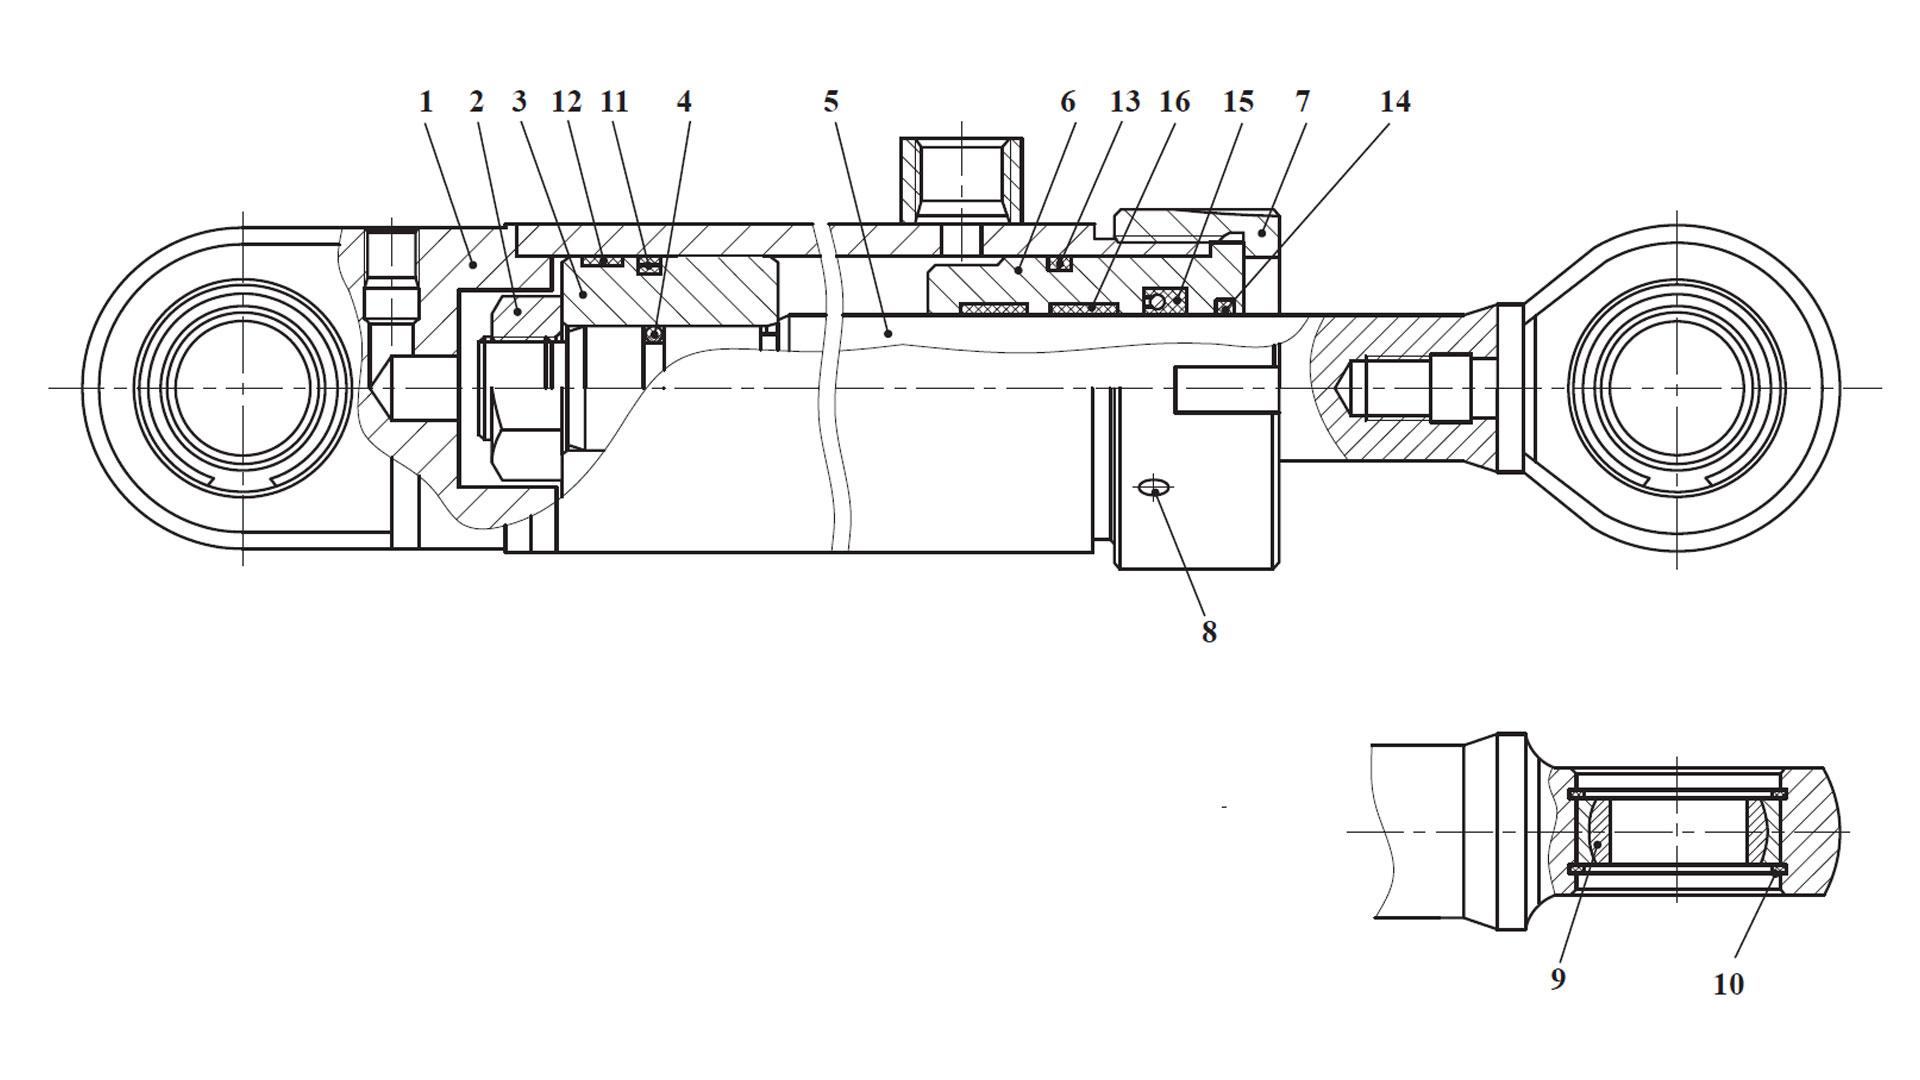 Гидроцилиндр ЦГ-80.56х400.765.11.001